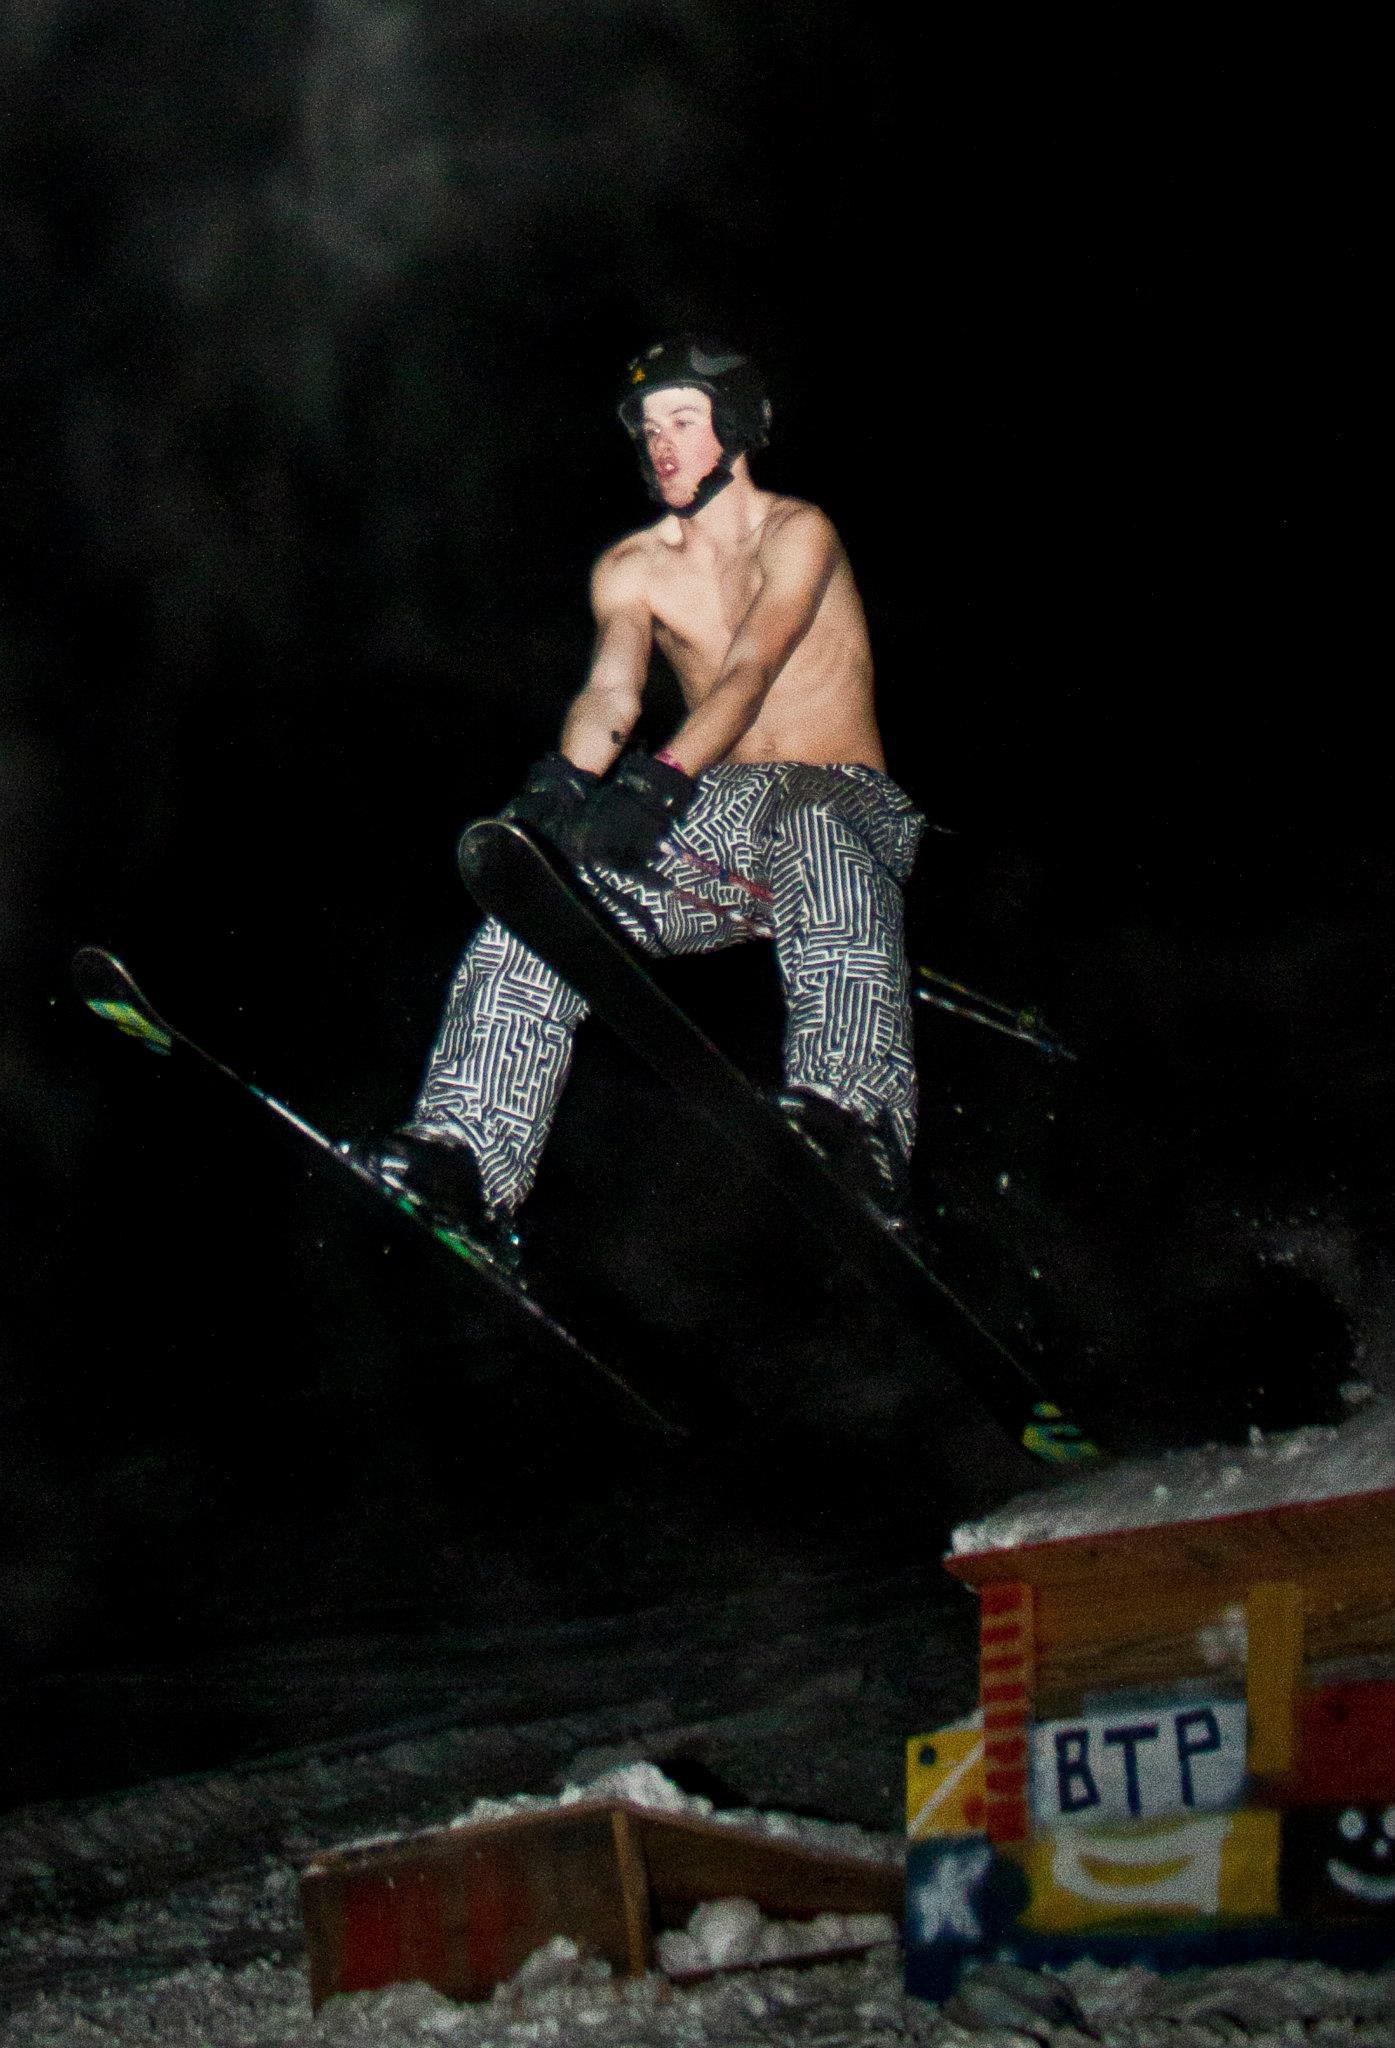 Bare chest night skiing